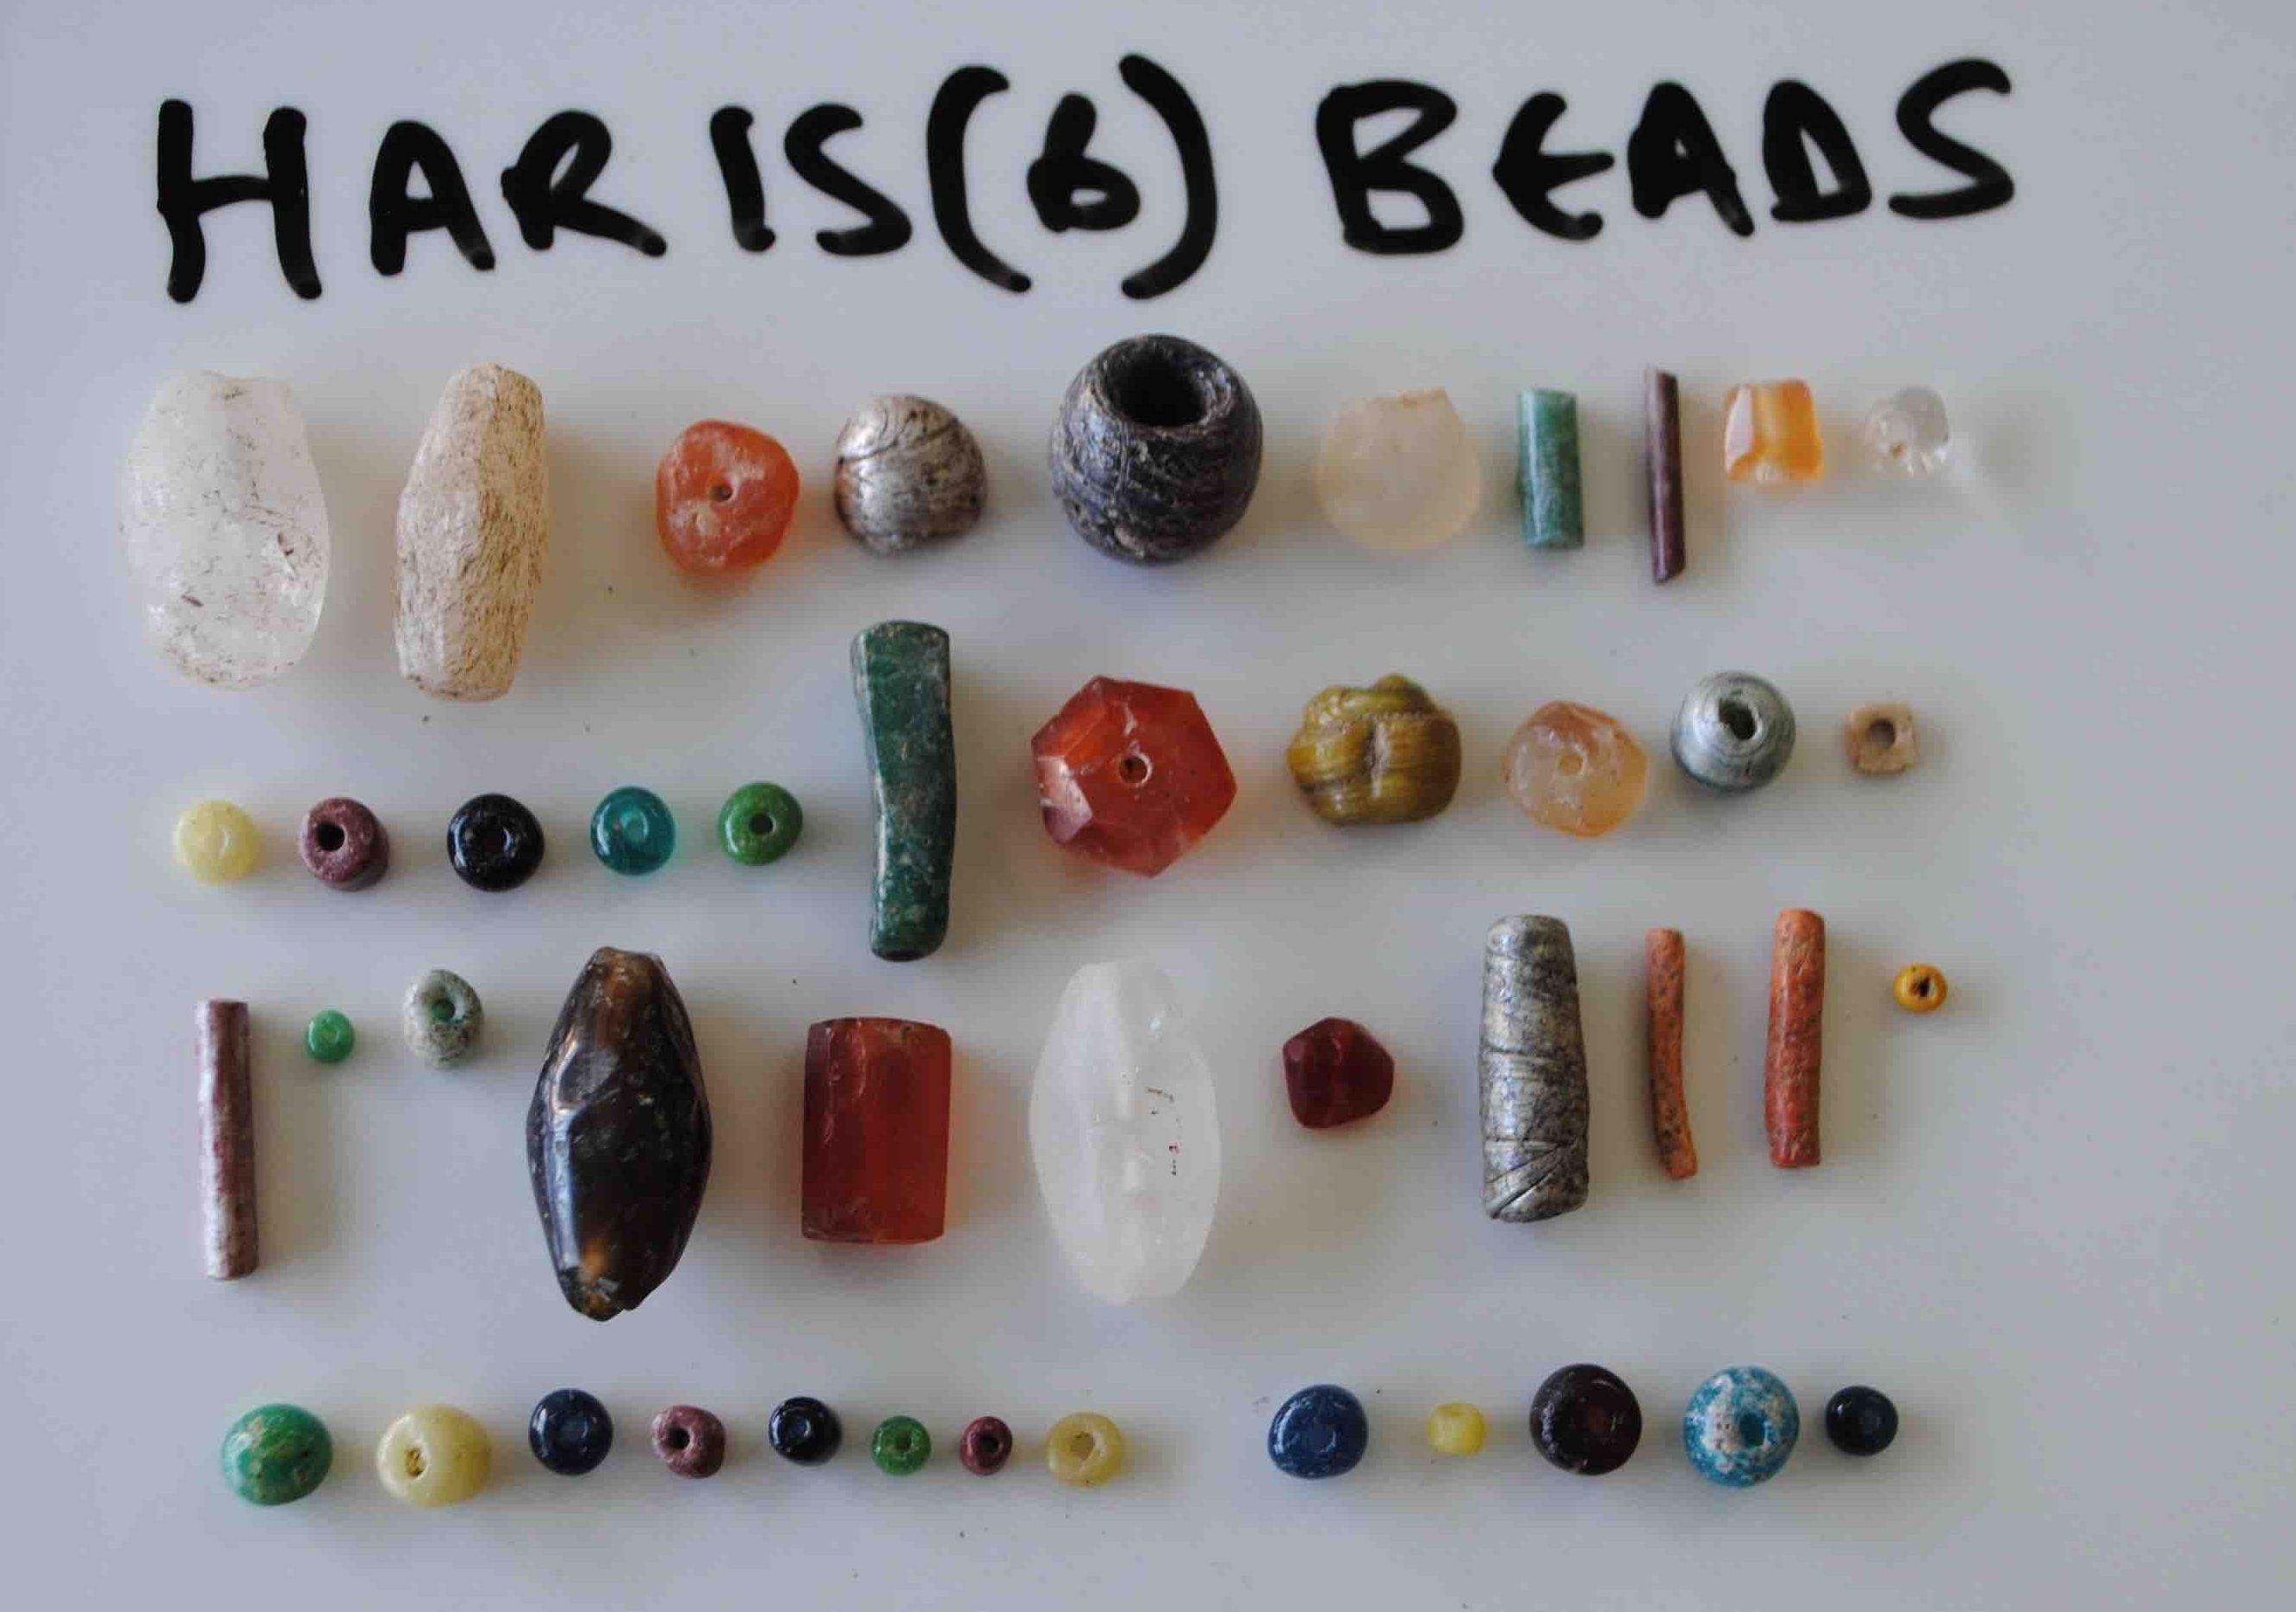 Joias encontradas no sítio arqueológico em Harlaa, Etiópia (Foto: Universidade de Exeter)